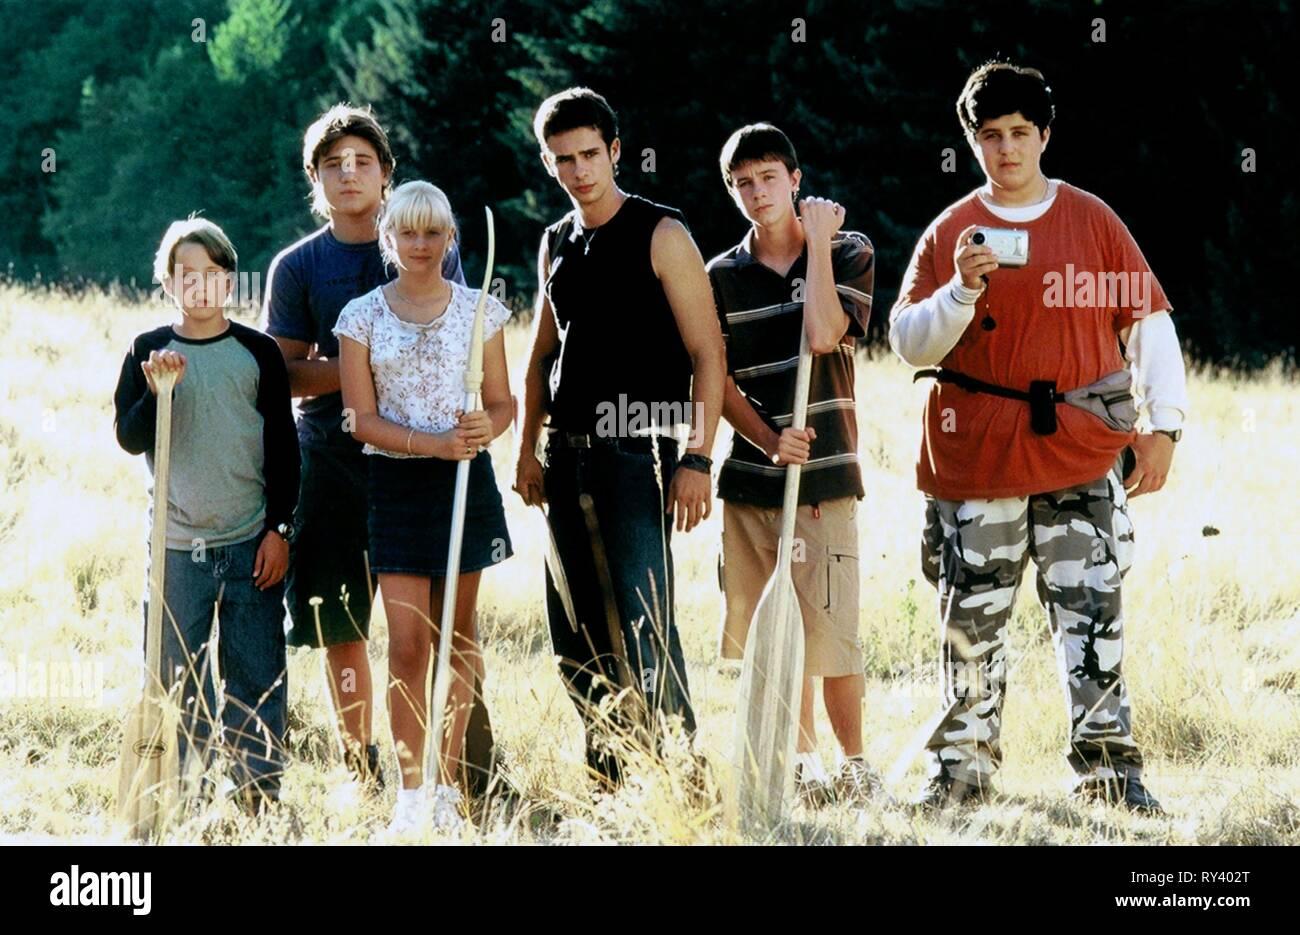 RORY CULKIN, TREVOR MORGAN, CARLY SCHROEDER, SCOTT MECHLOWICZ, RYAN KELLEY,JOSH PECK, MEAN CREEK, 2004 - Stock Image